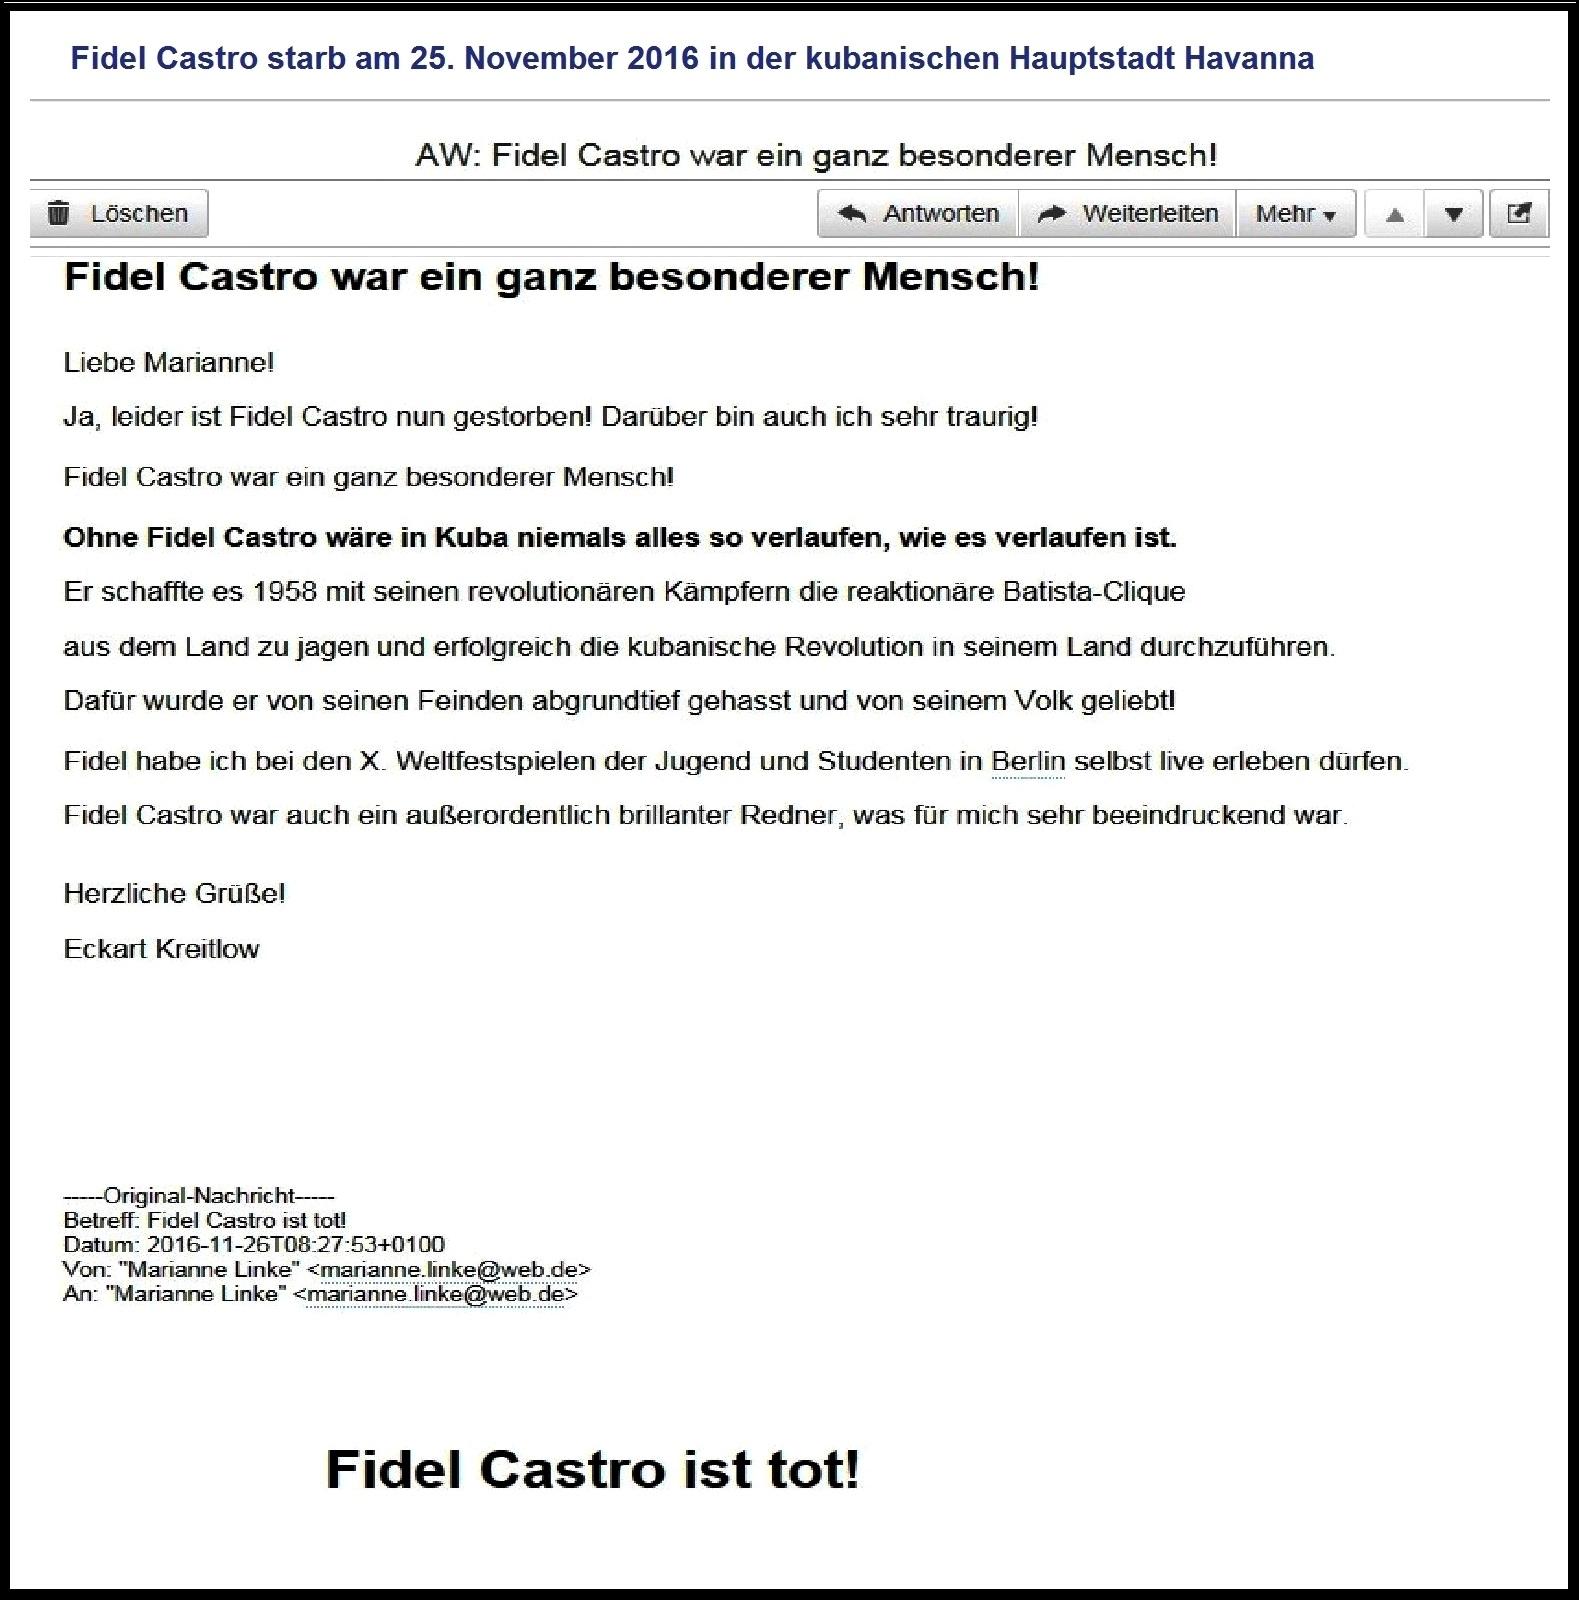 Fidel Castro starb am 25. November 2016 in der kubanischen Hauptstadt Havanna. Fidel Castro war ein ganz besonderer Mensch. Er wurde von seinen Freunden geliebt und von seinen Feinden abgrundtief gehasst.